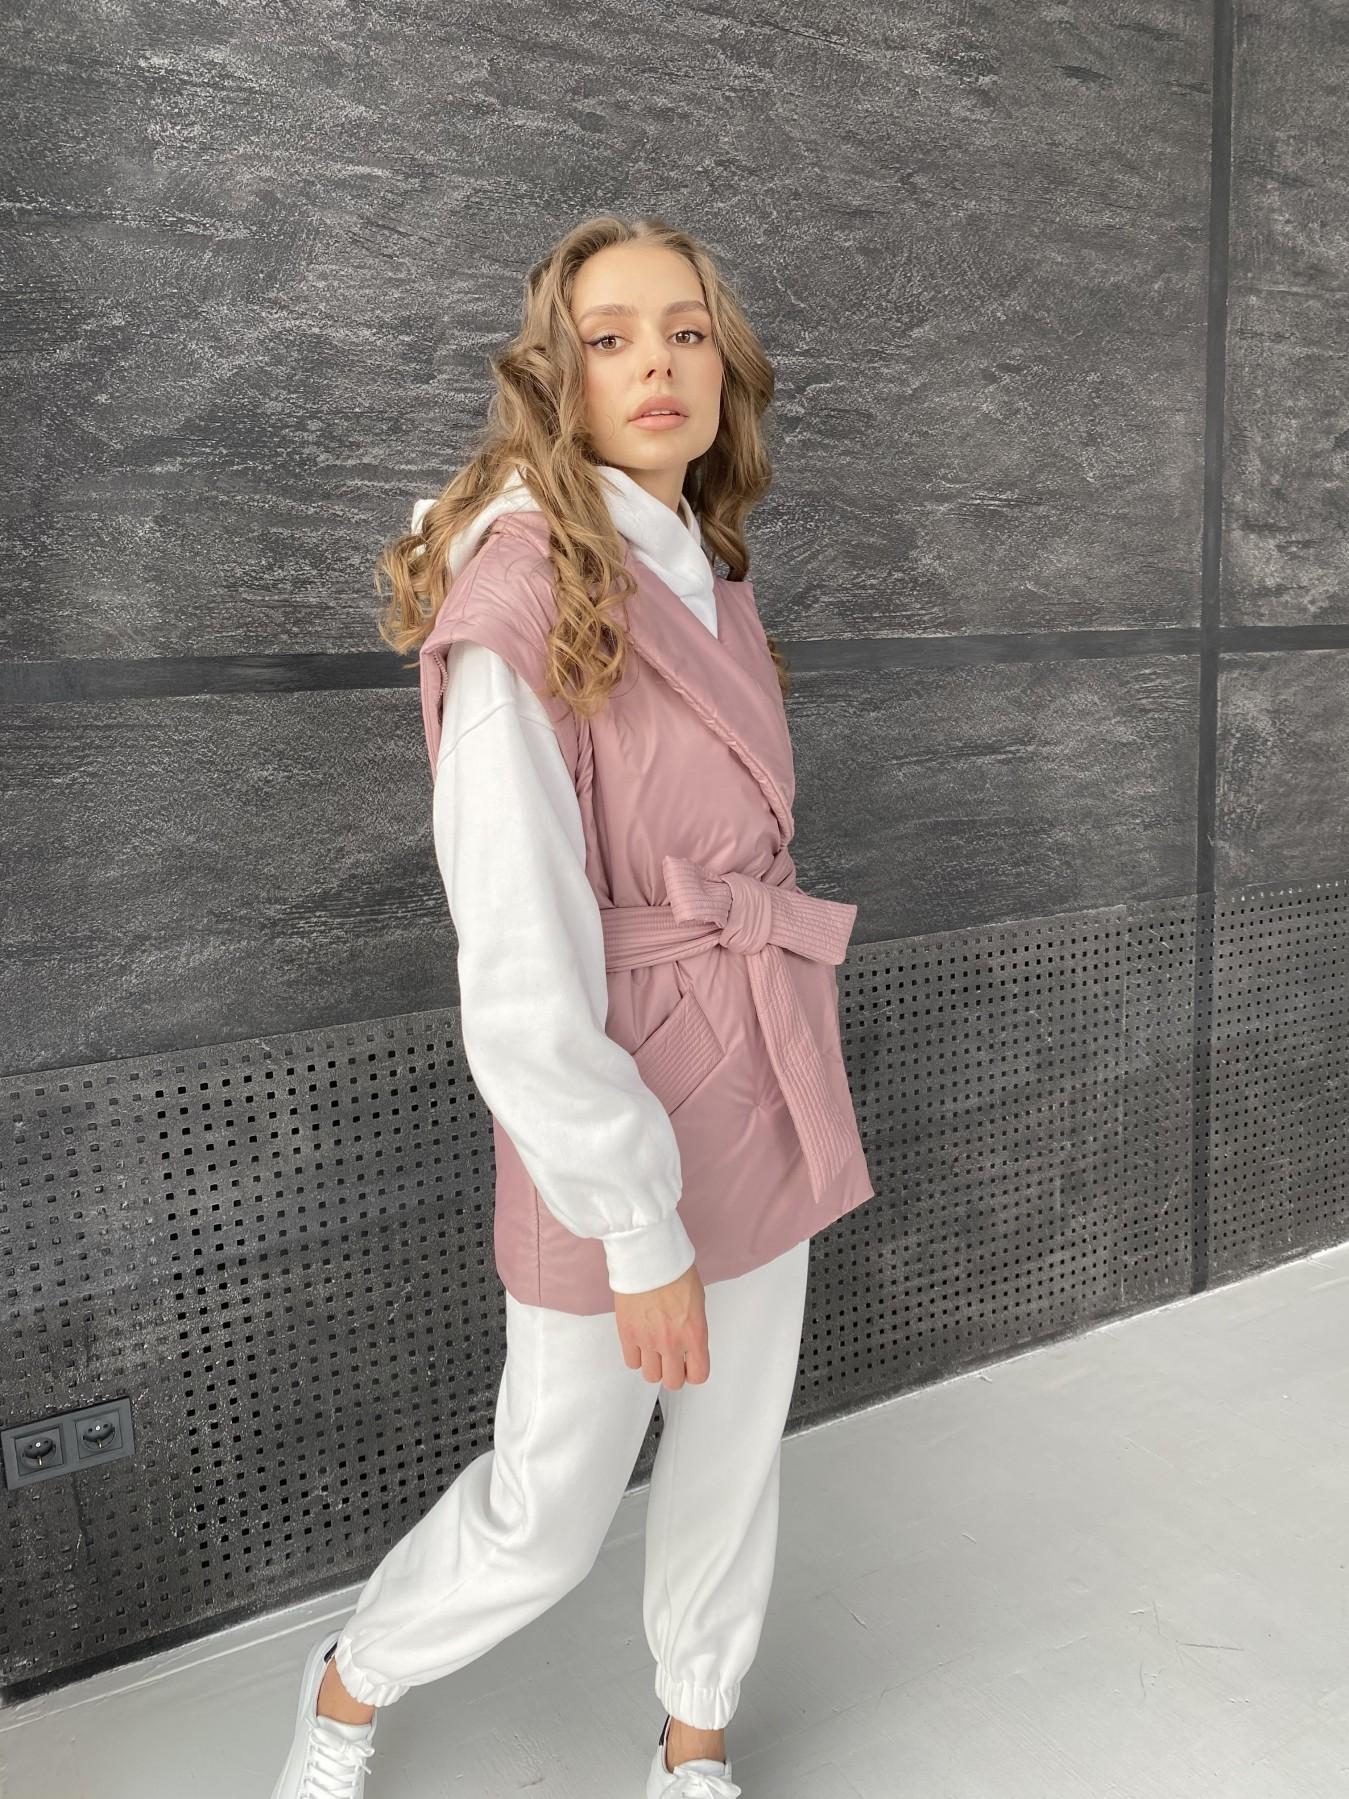 Форбс куртка из плащевой ткани 10986 АРТ. 47477 Цвет: Пудра - фото 15, интернет магазин tm-modus.ru